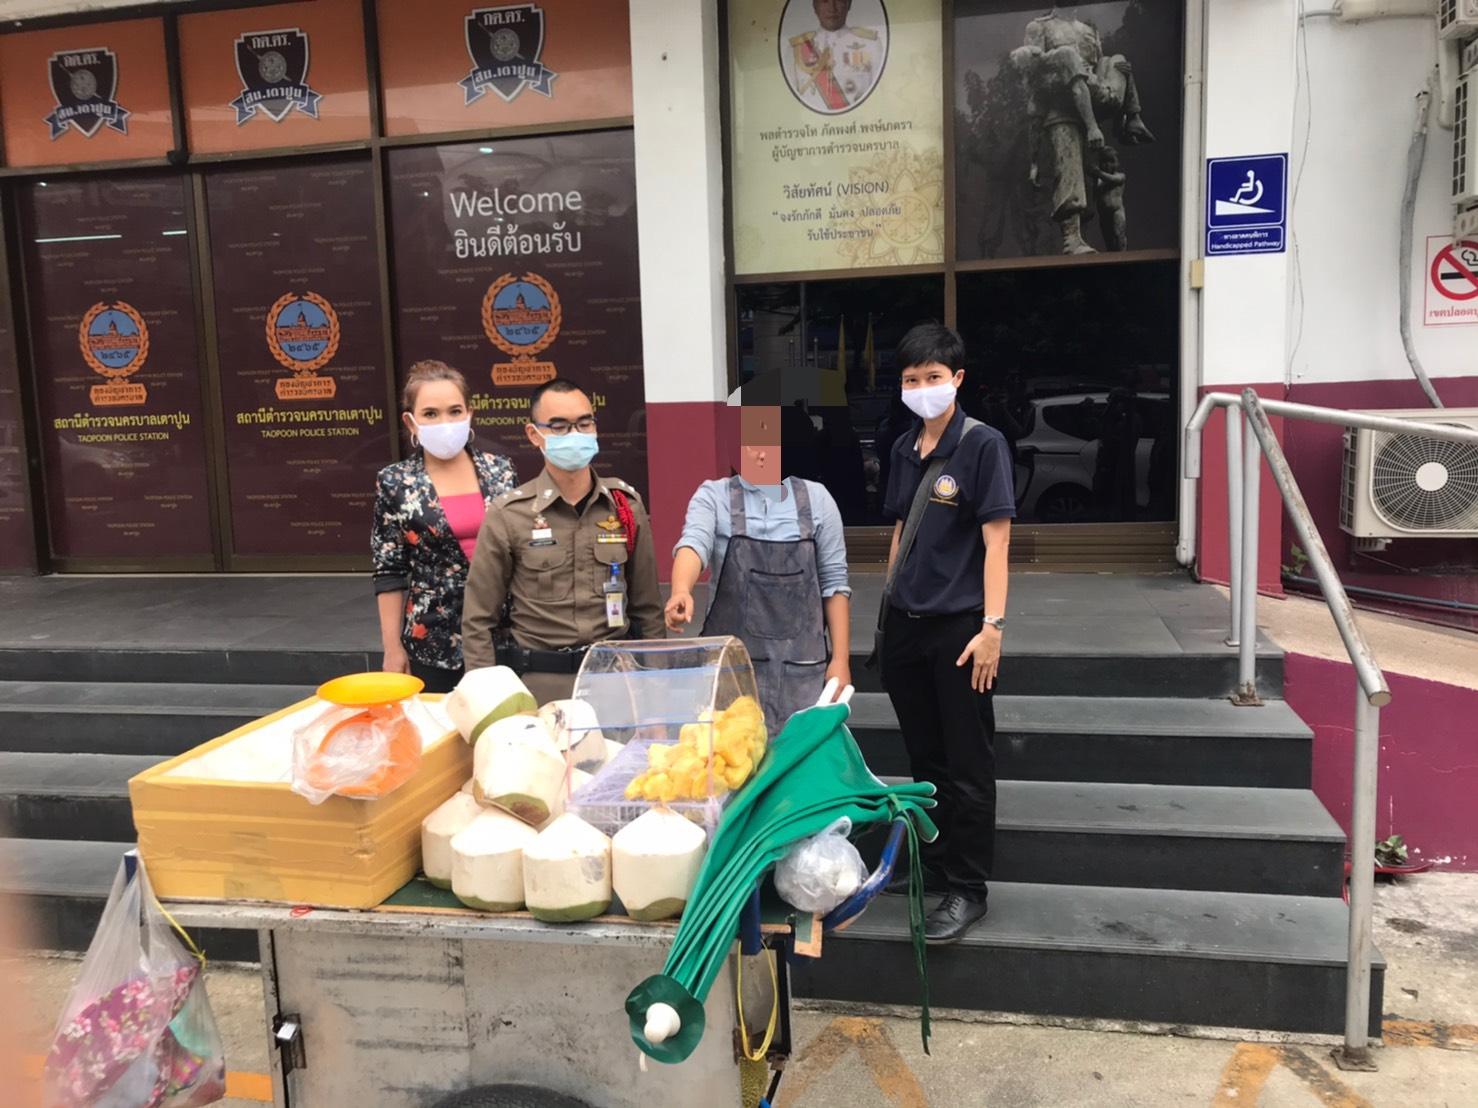 สจก.9 ลุยจับต่างด้าวขายของแย่งอาชีพคนไทย